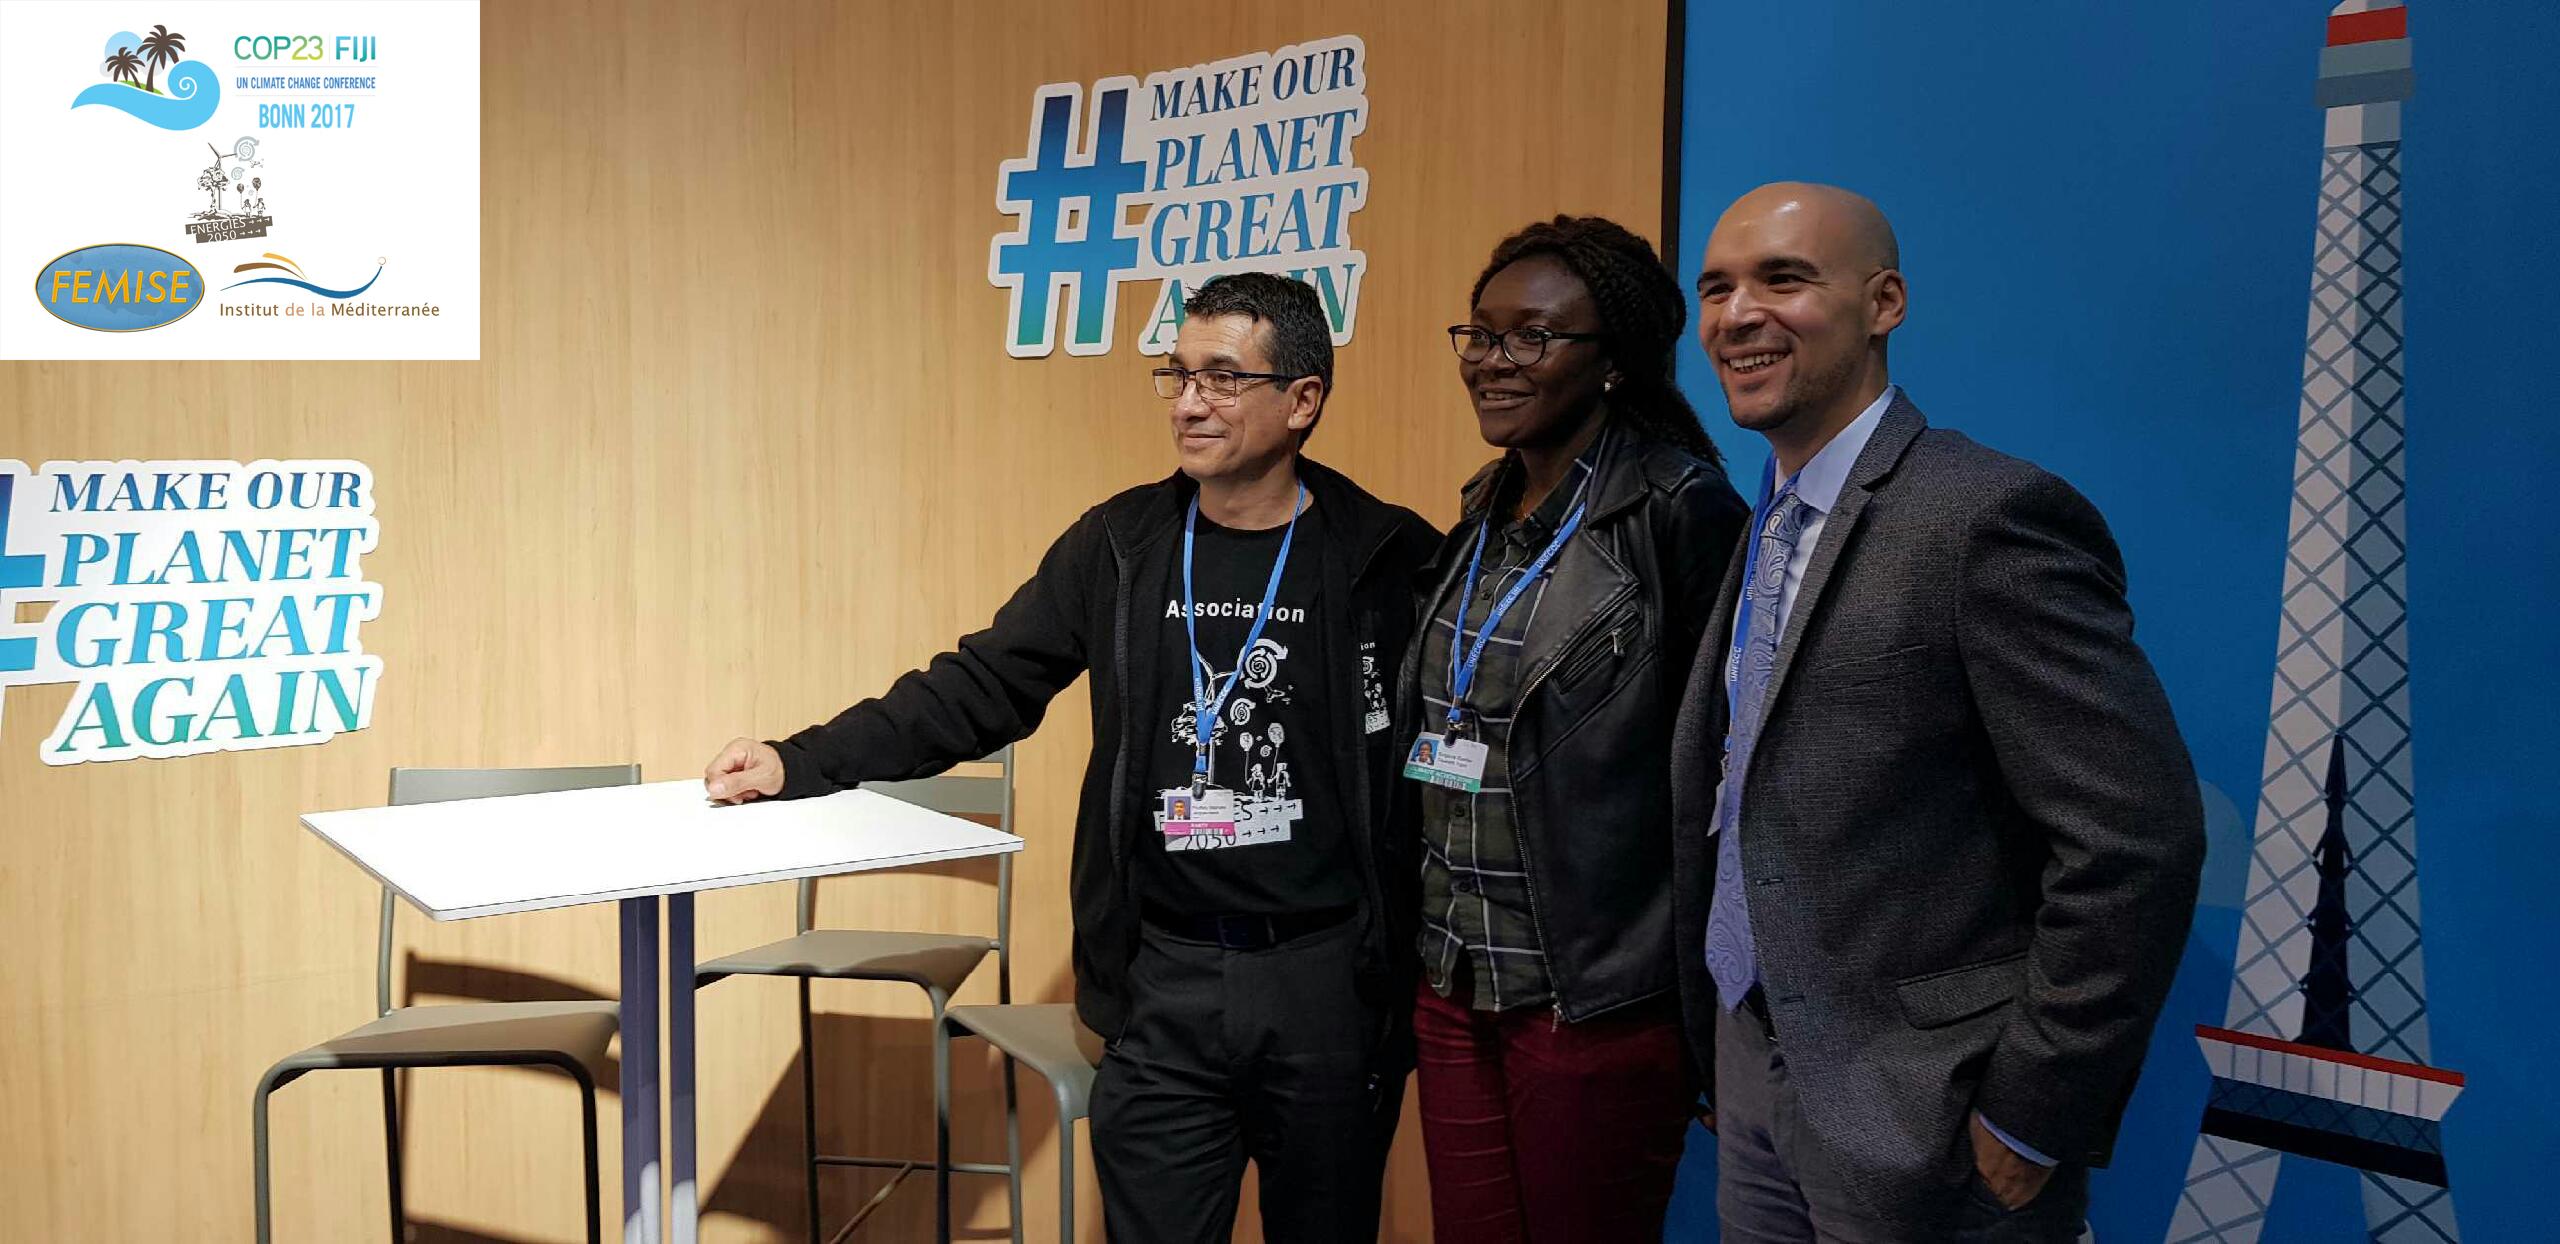 Stéphane Pouffary (ENERGIES2050), Gaelle Yomi (CGLU Afrique) et Constantin Tsakas (Institut de la Méditerranée et FEMISE)